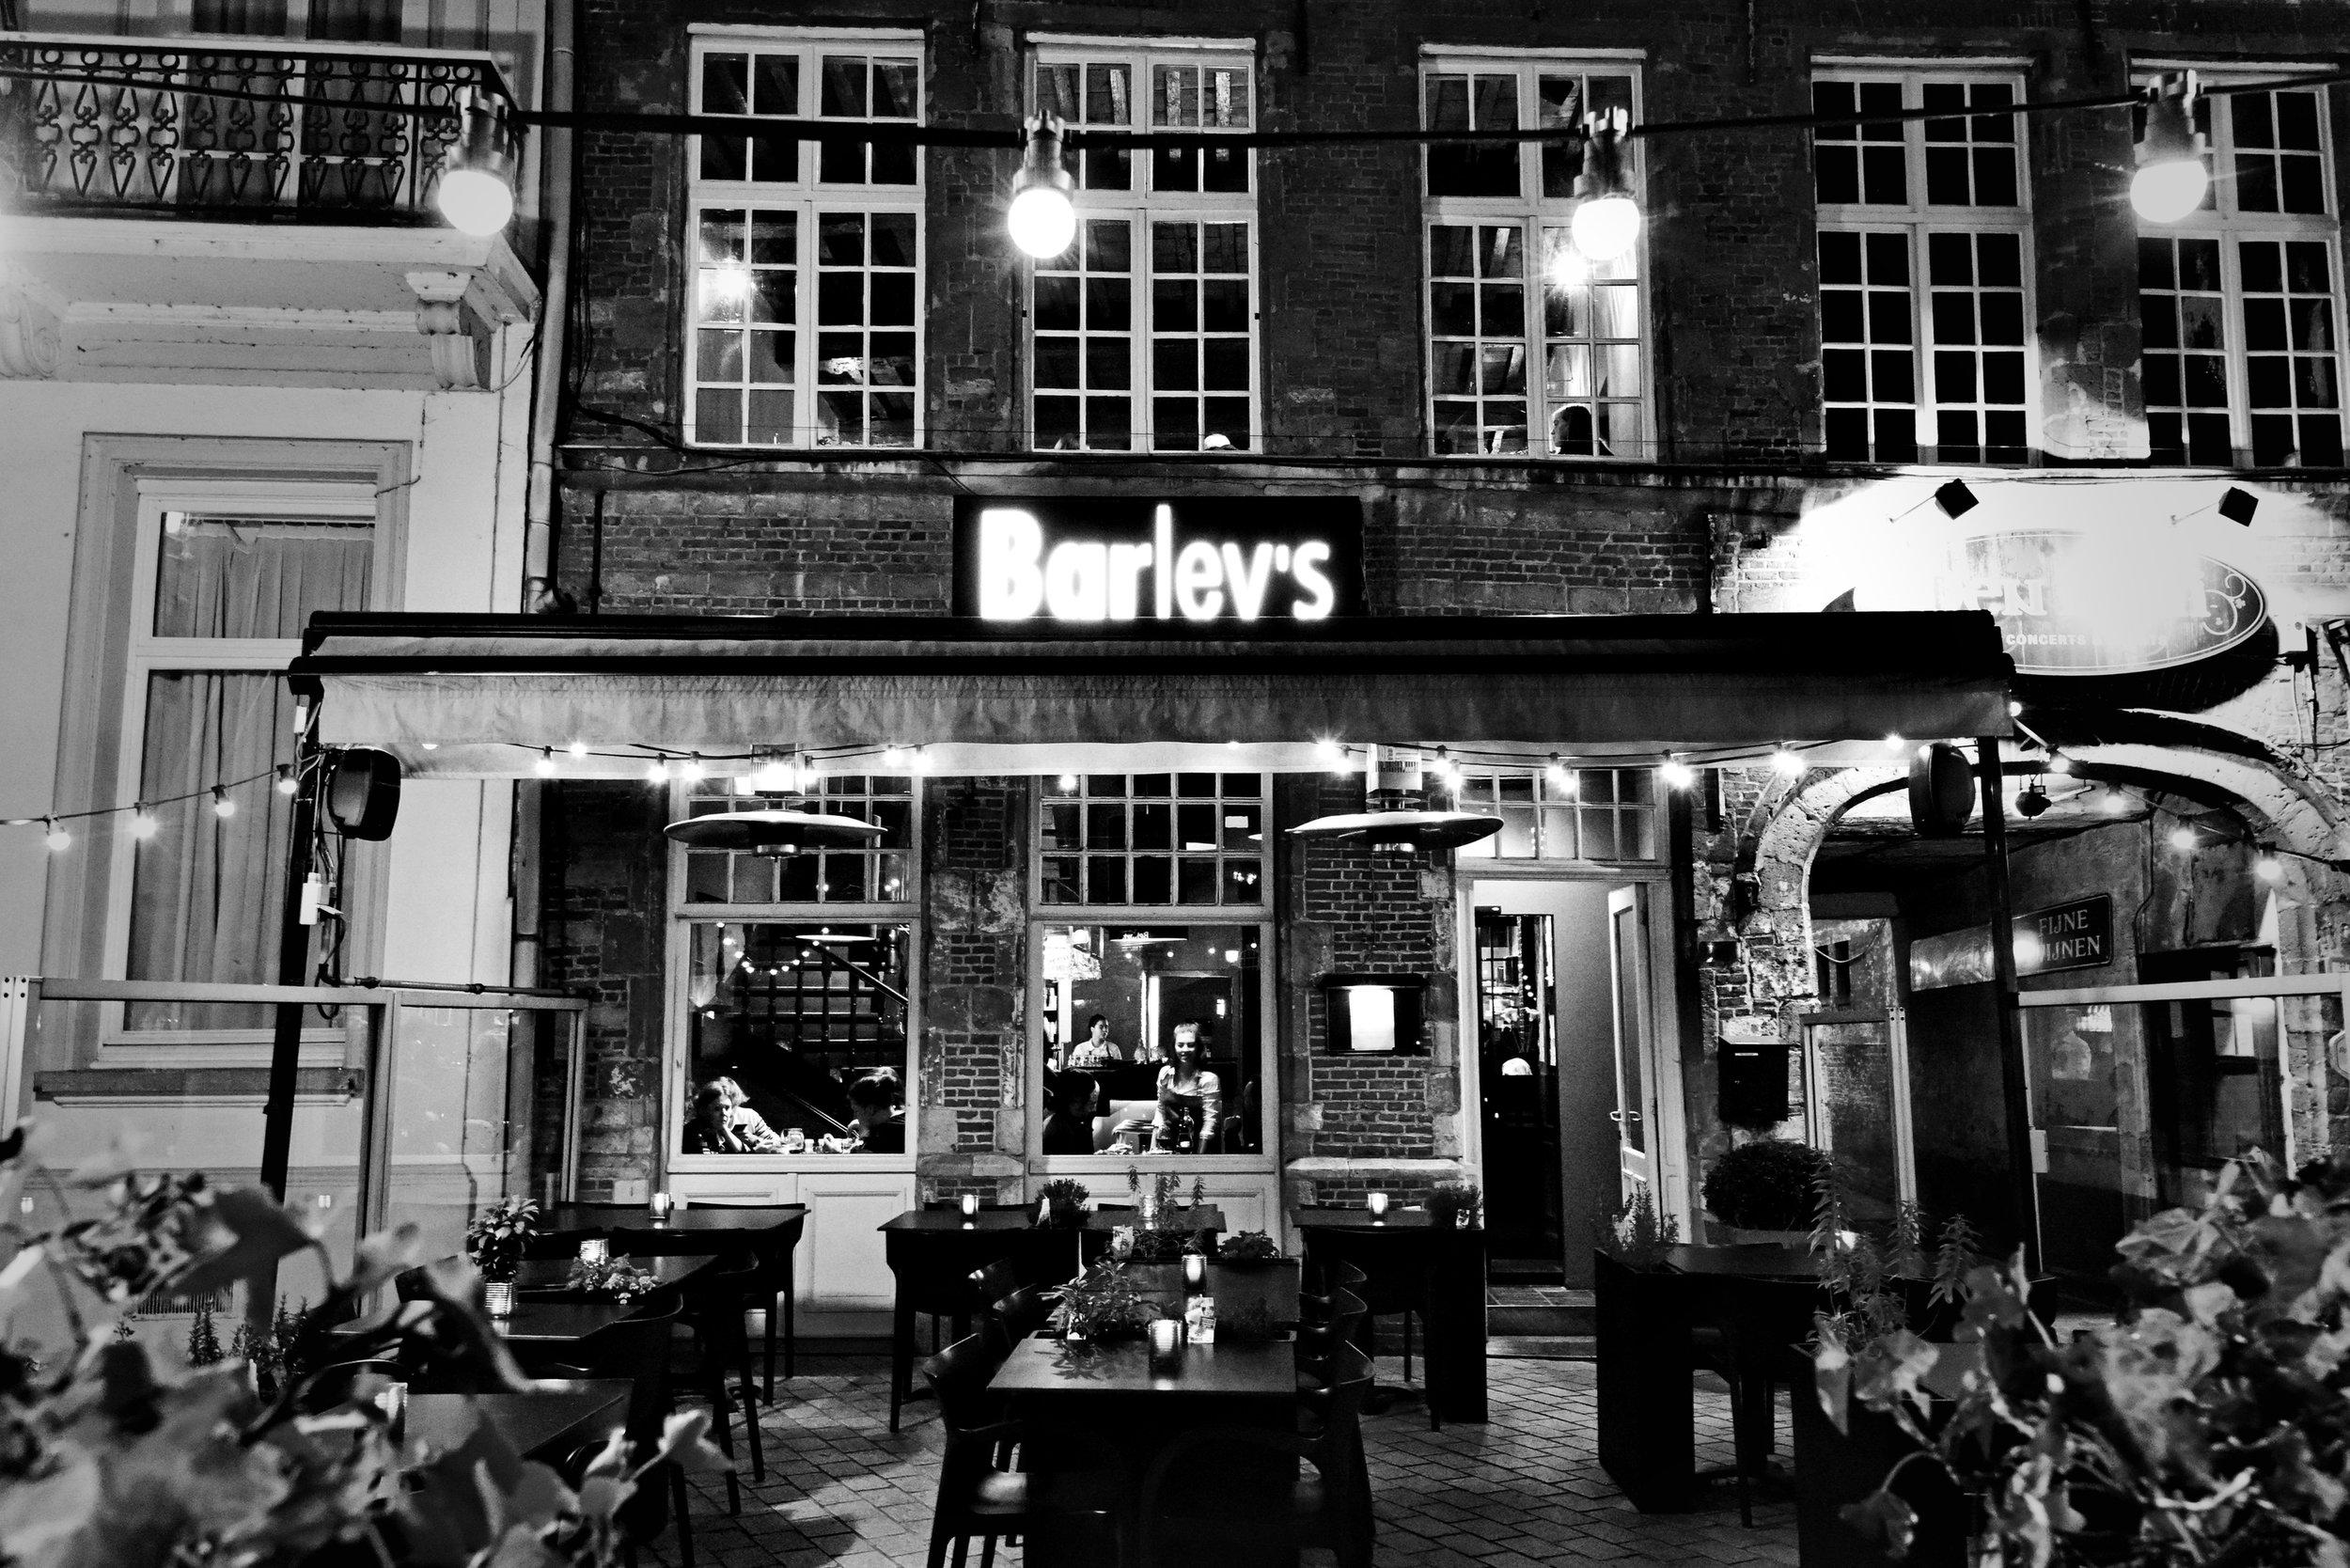 1 restaurant brasserie barley's dendermonde bart albrechtkopie.jpg